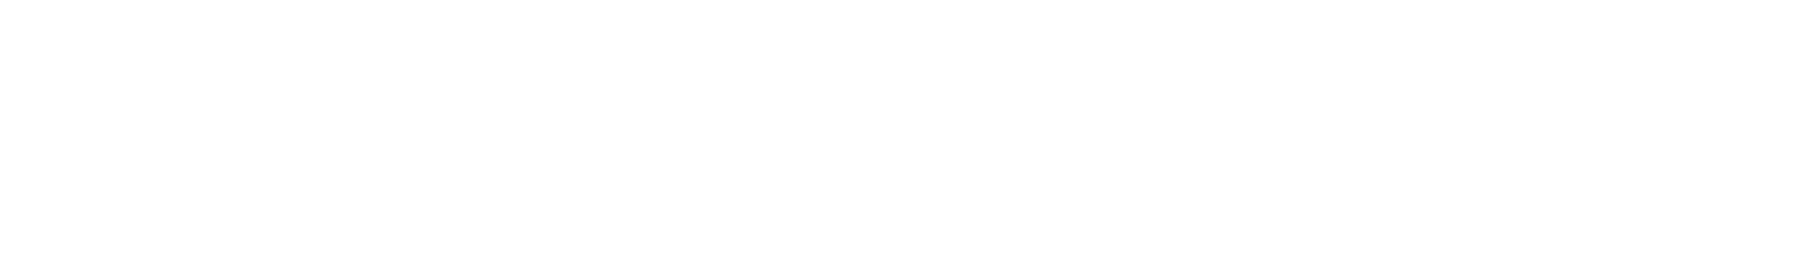 bluezone orbit sound 045